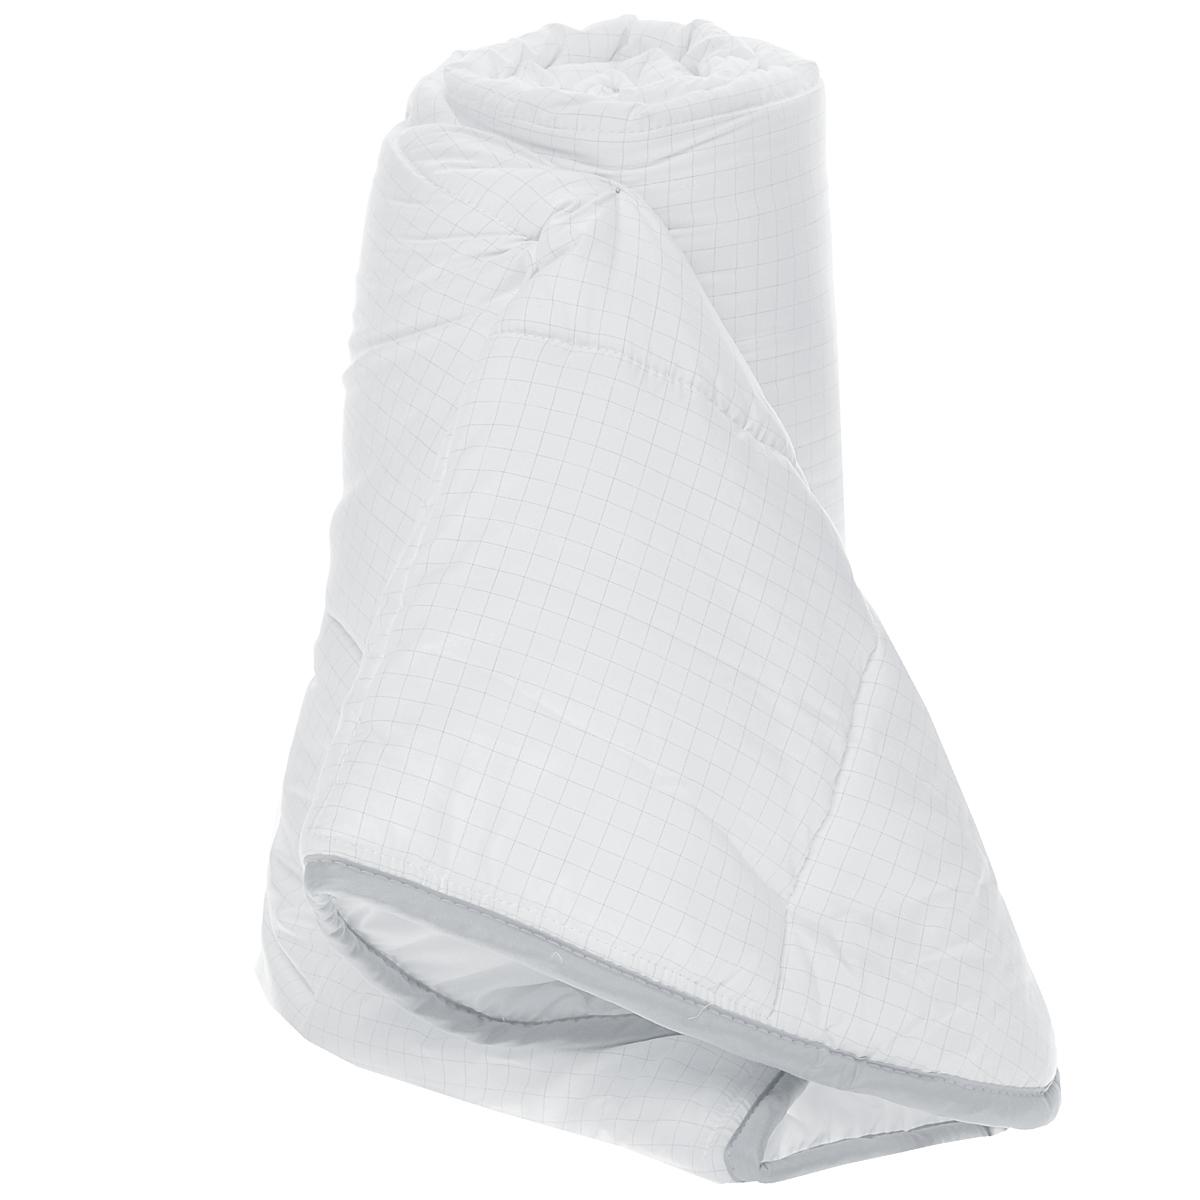 Одеяло Comfort Line Антистресс, классическое, наполнитель: полиэстер, 175 см х 205 см174356